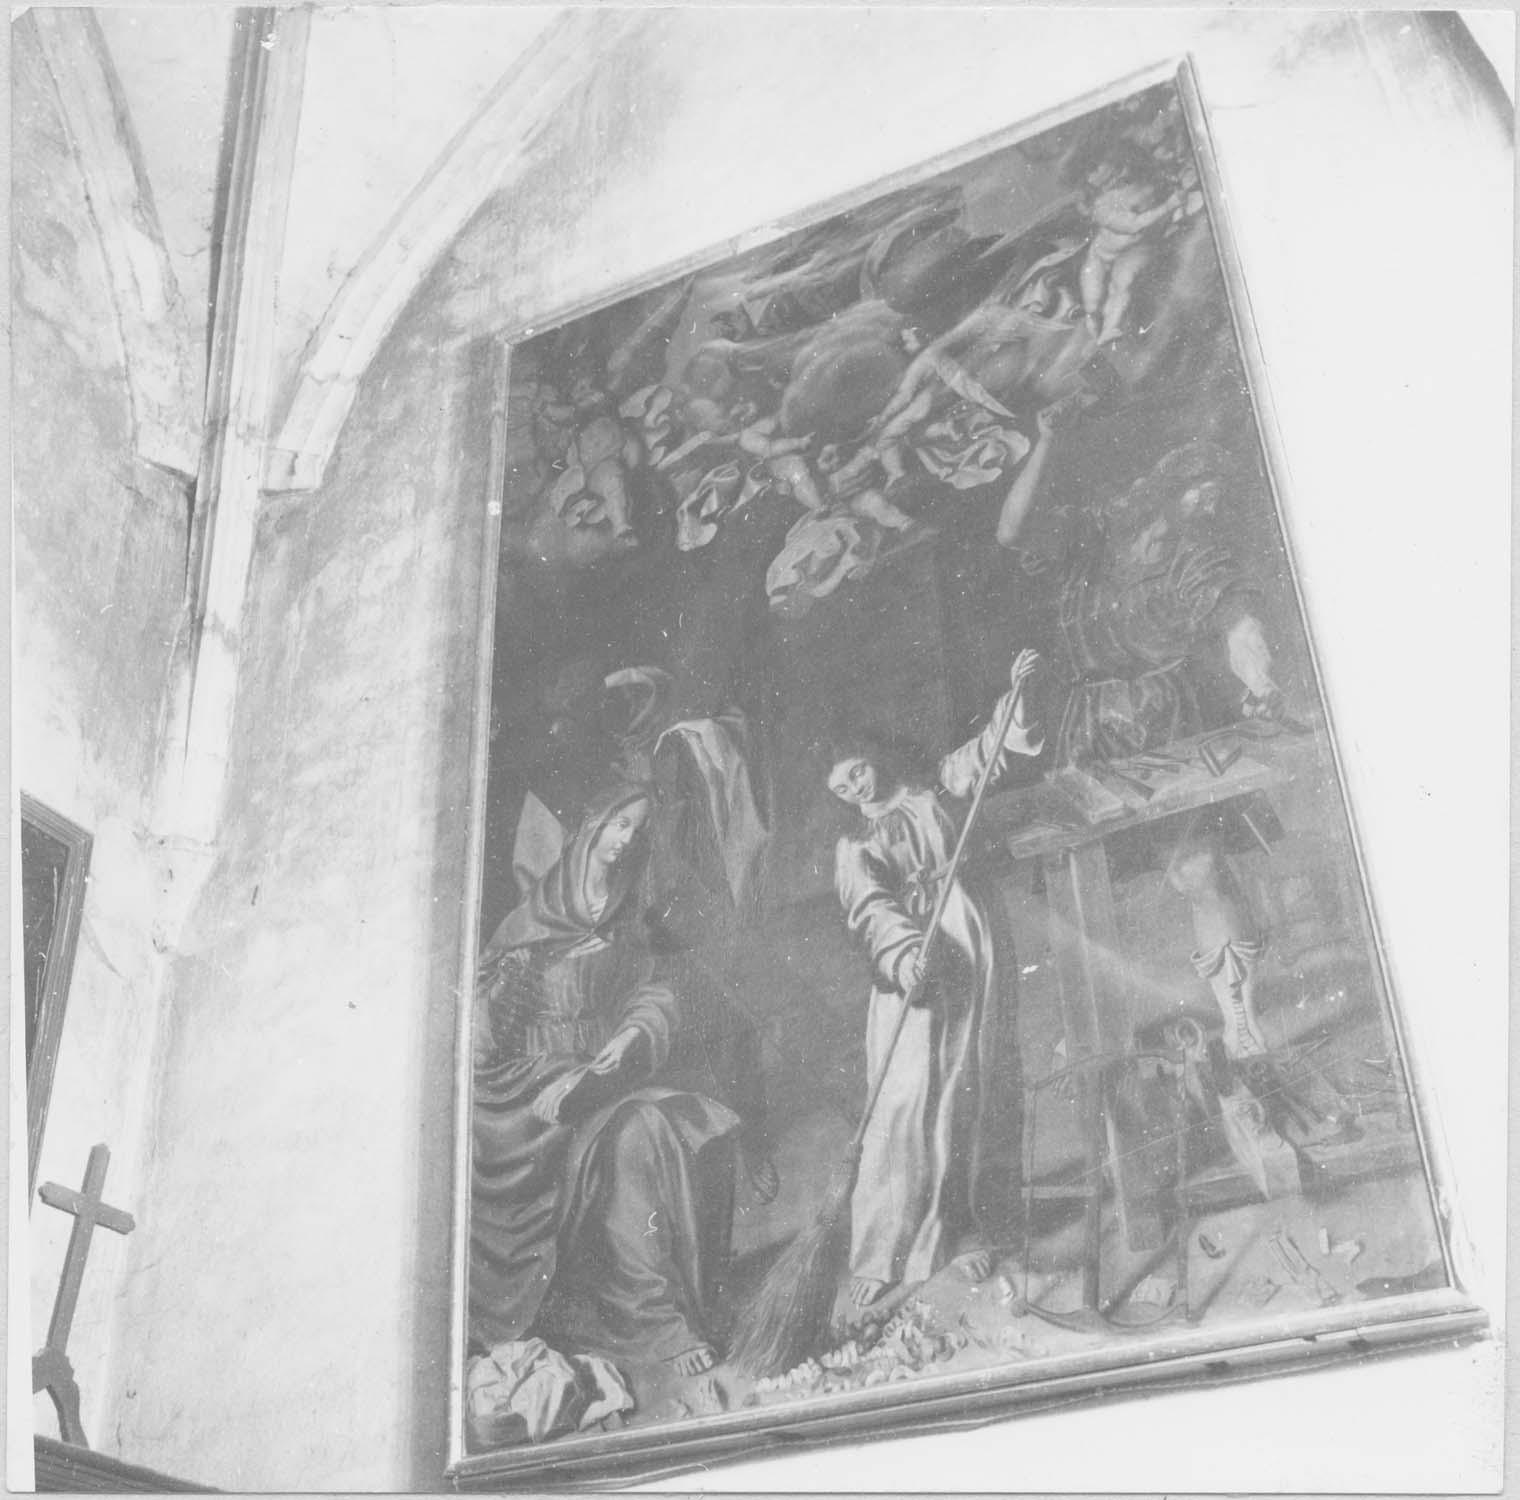 tableau : Jésus et la Vierge dans l'atelier de Joseph